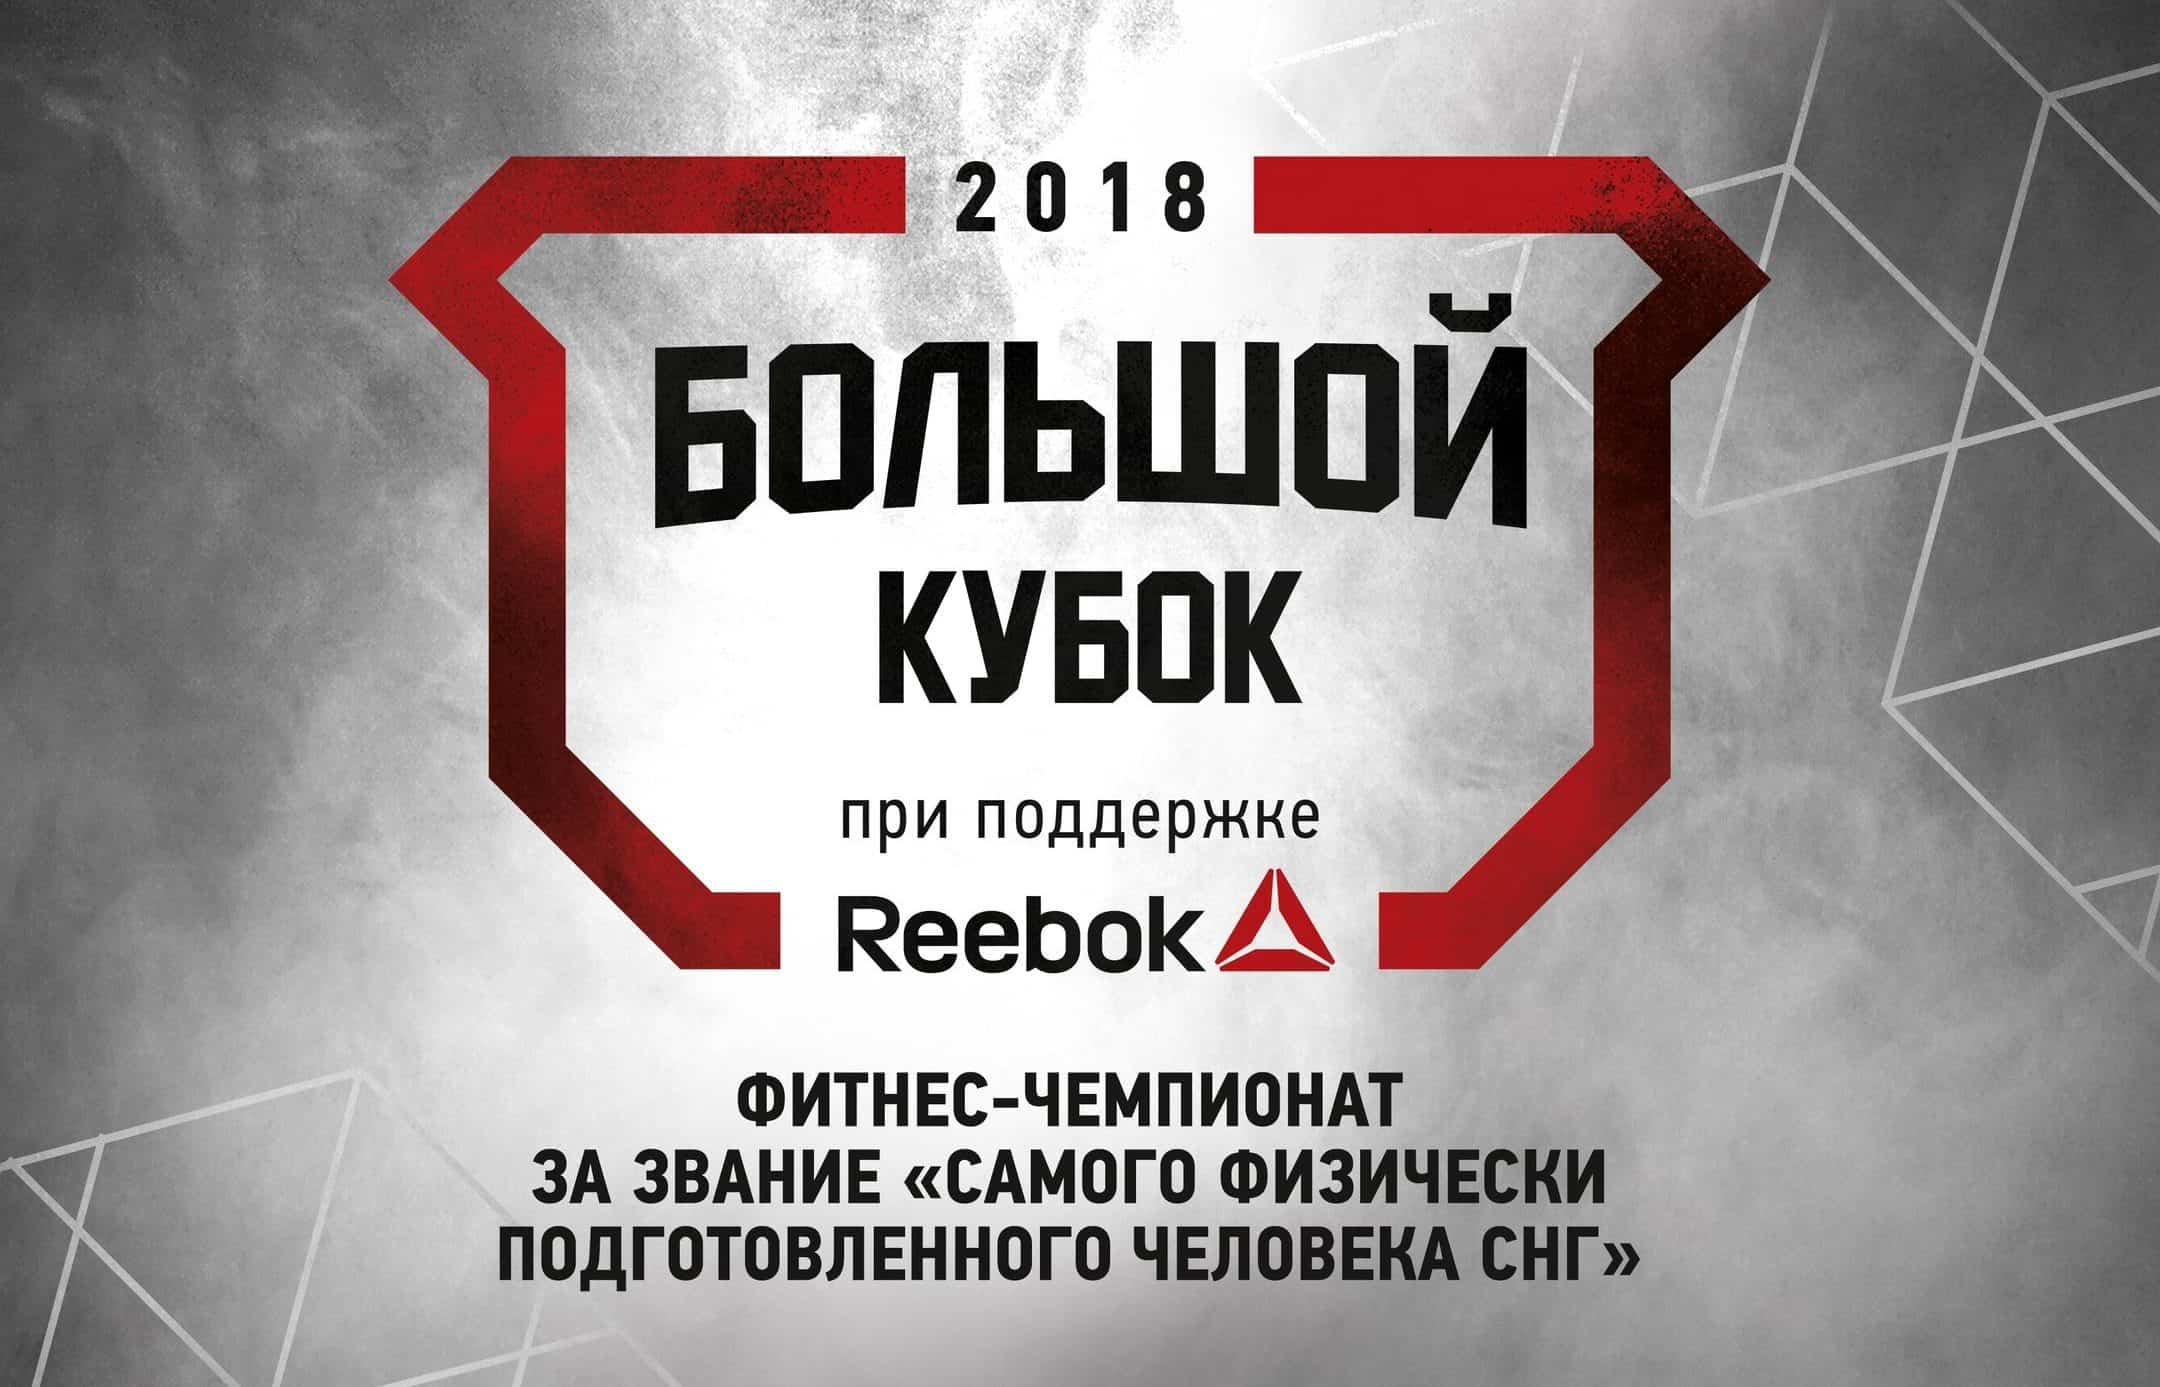 Big Cup 2018